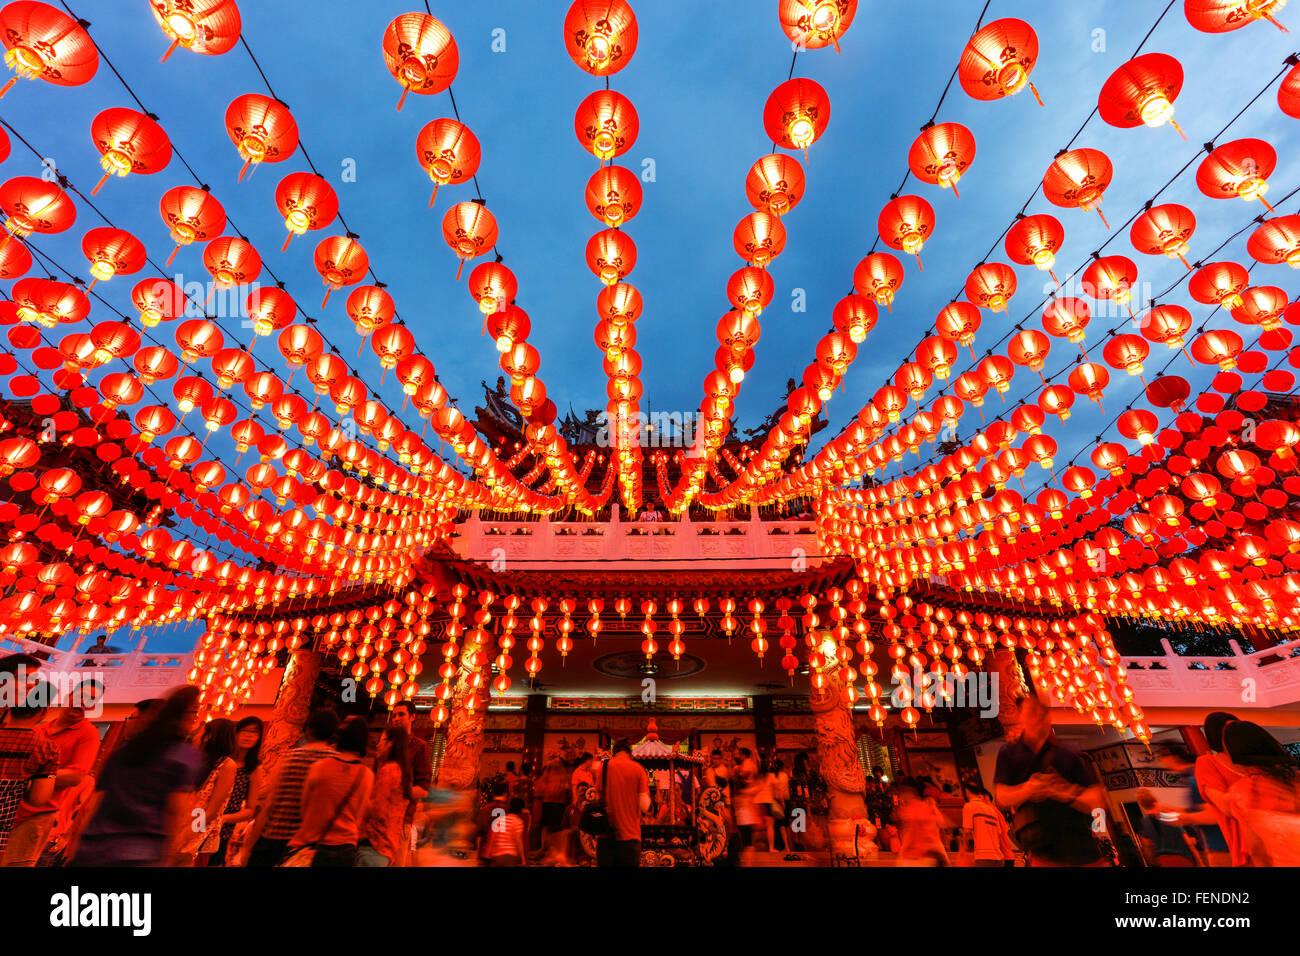 Las linternas de Thean Hou templo durante el Año Nuevo Chino, Kuala Lumpur, Malasia. Foto de stock